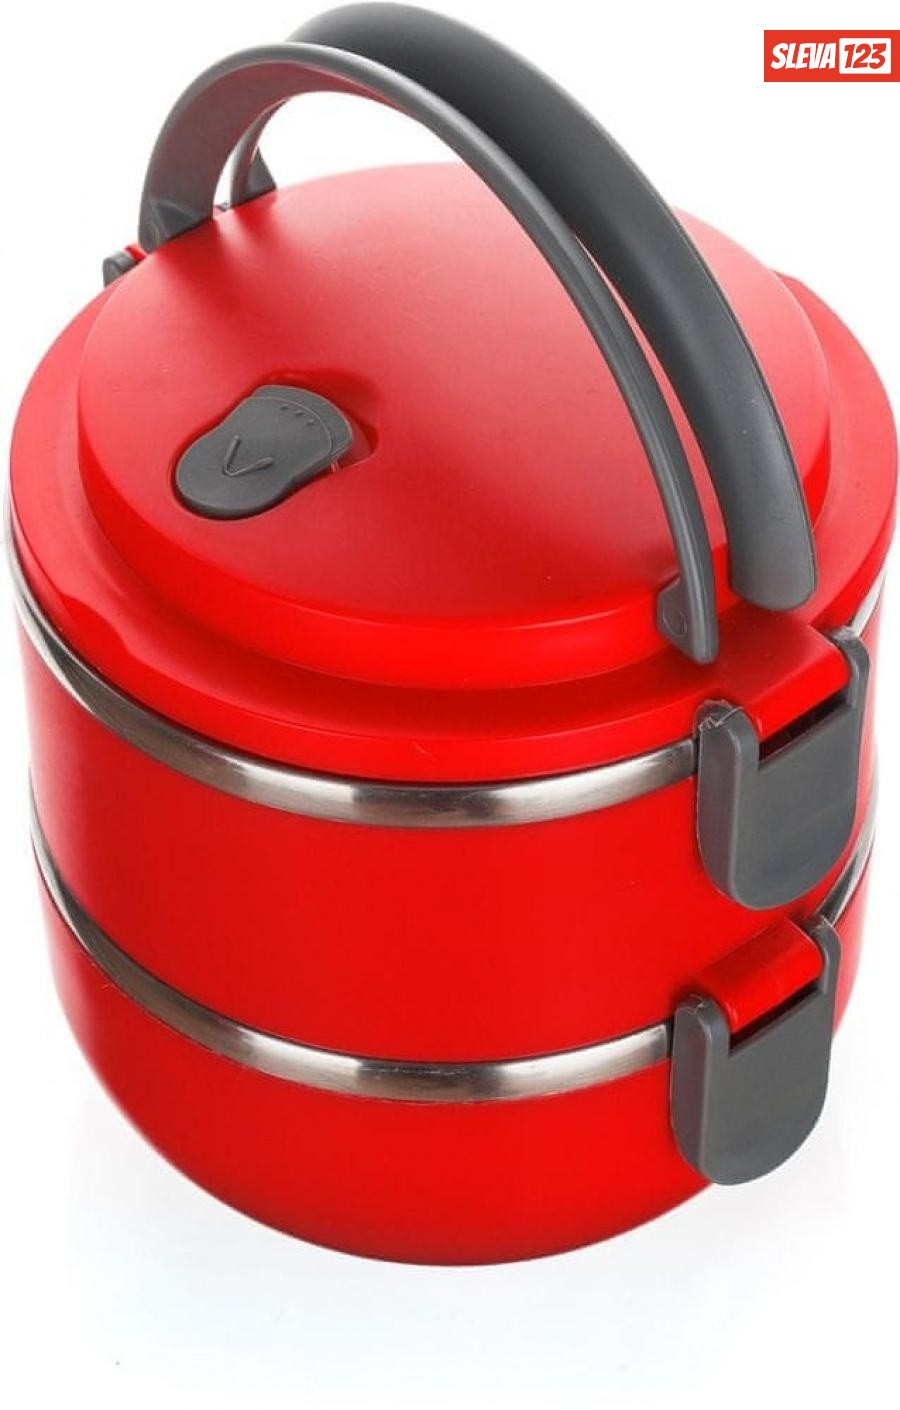 Banquet Jídlonosič plastový CULINARIA Red 1,4l, 2 díly - zánovní